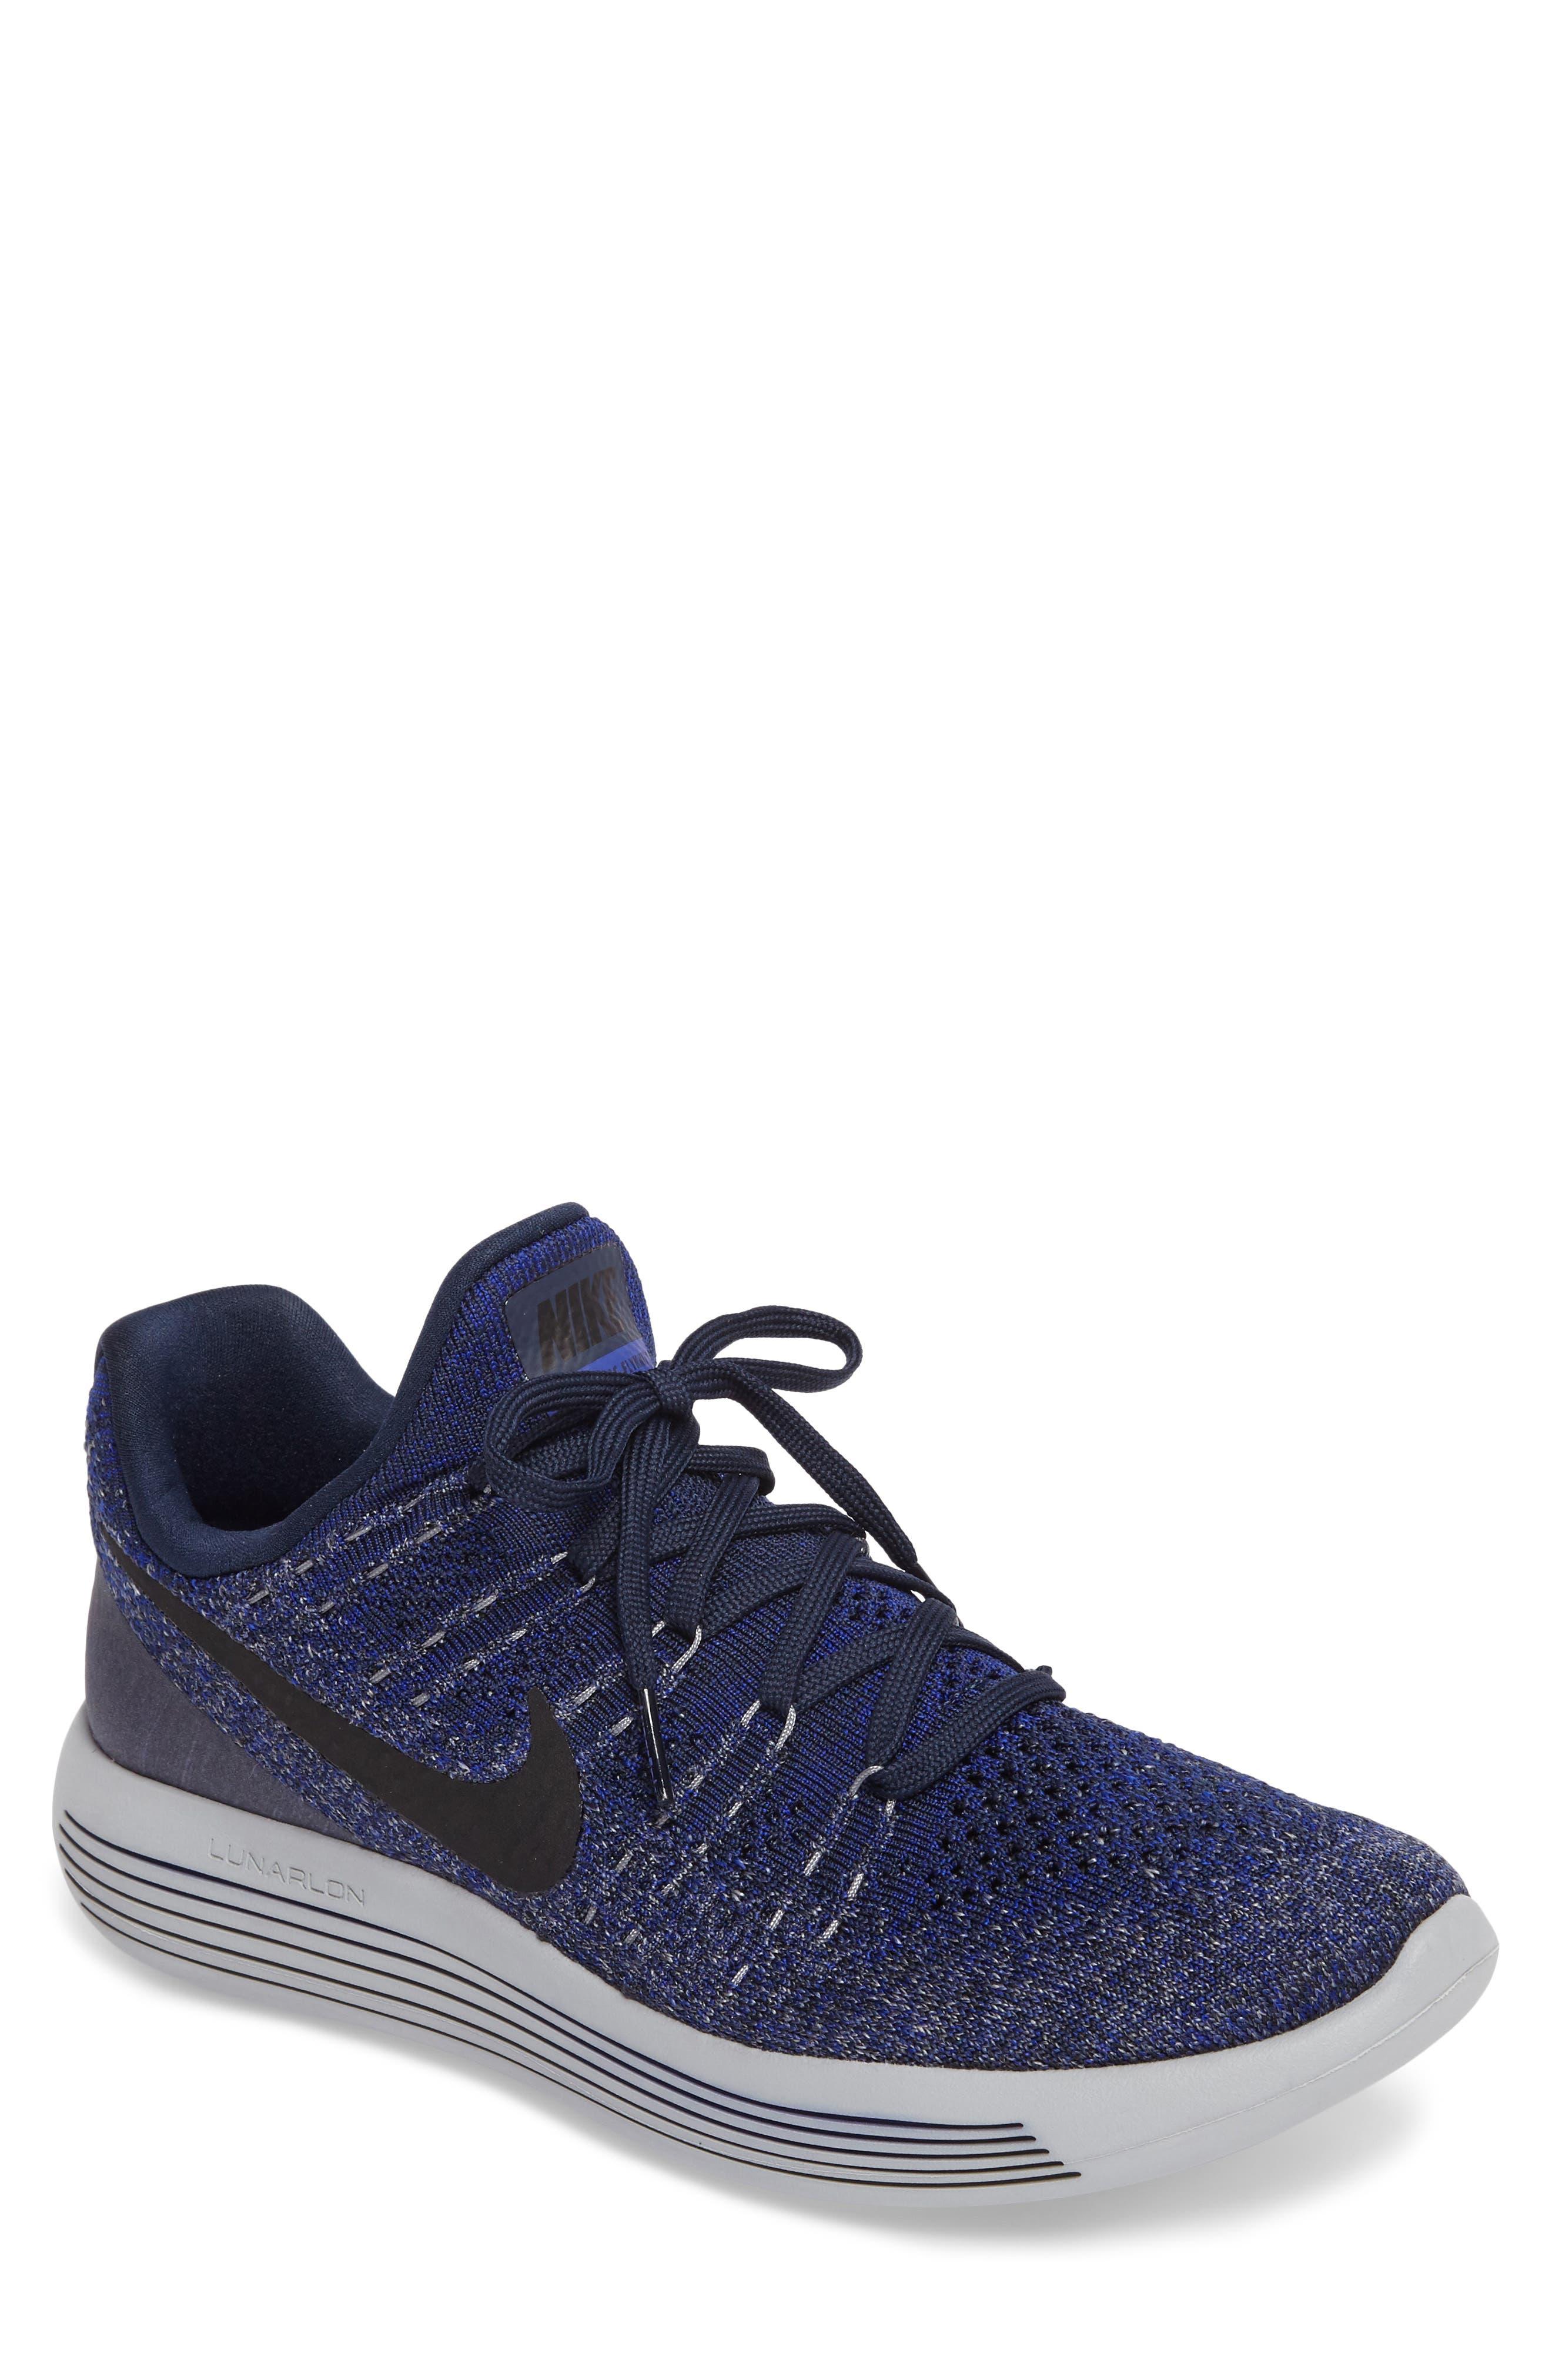 Main Image - Nike Flyknit 2 LunarEpic Running Shoe (Men)